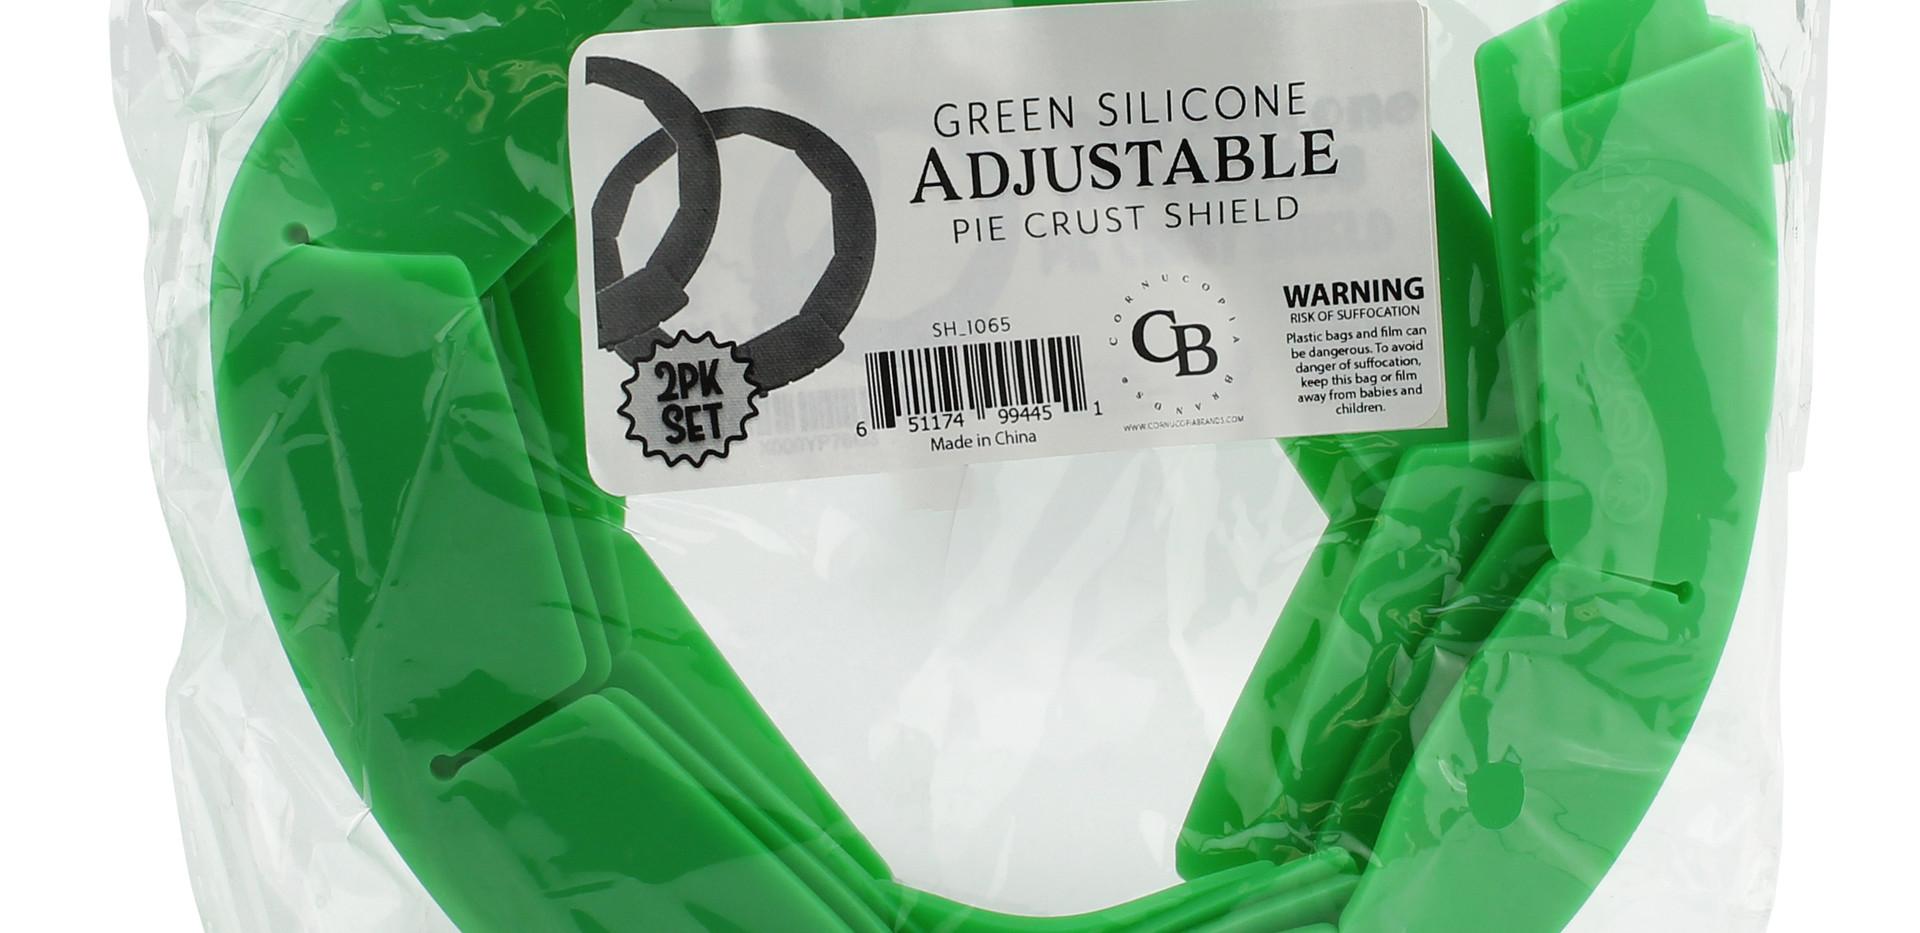 B01BMWT6WM - Silicone Pie Crust Shields